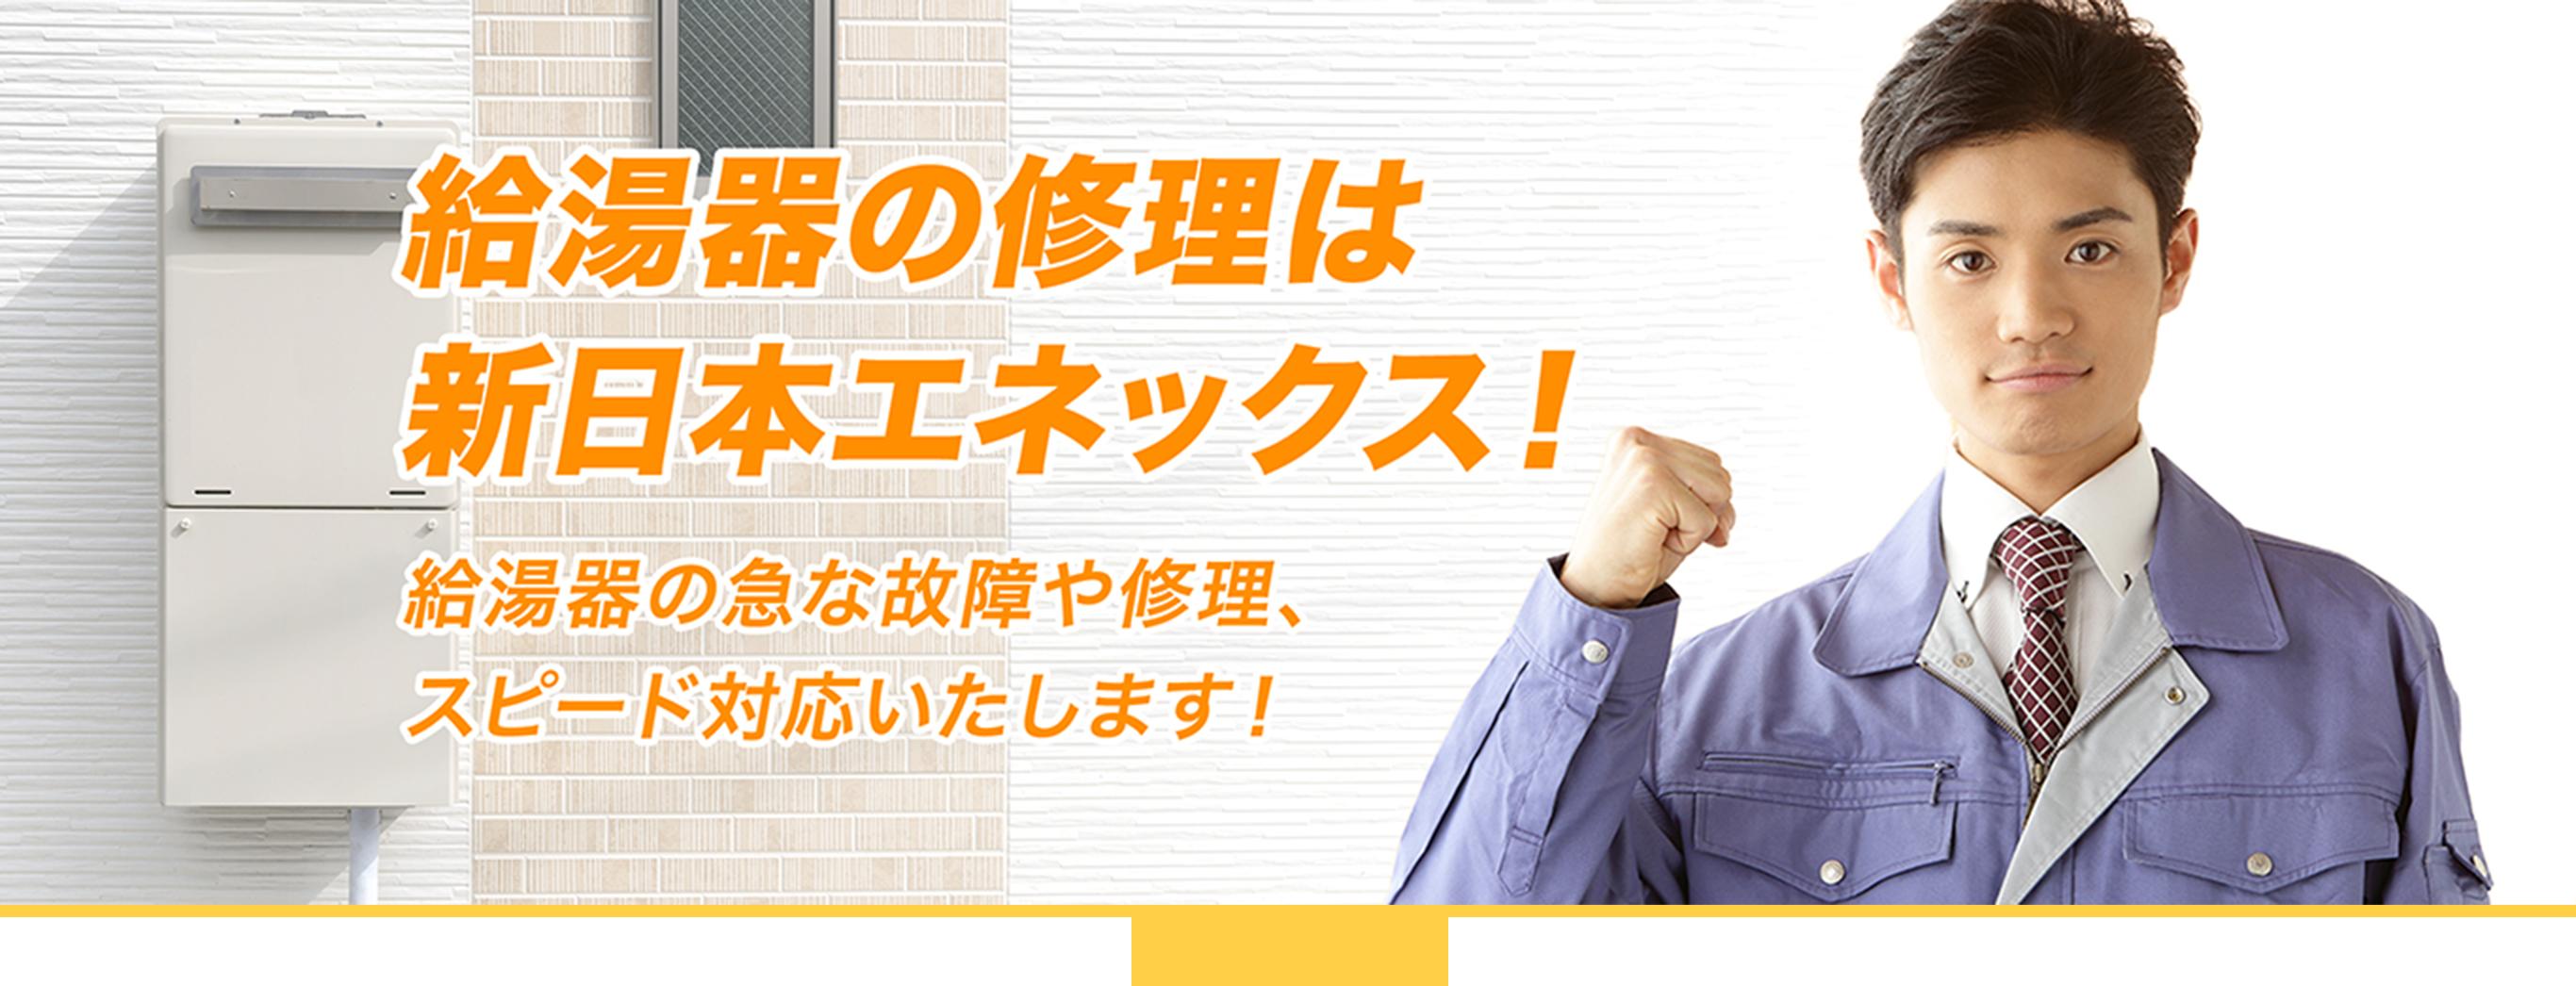 給湯器の修理は新日本エネックス 給湯器の急な故障や修理、スピード対応いたします!